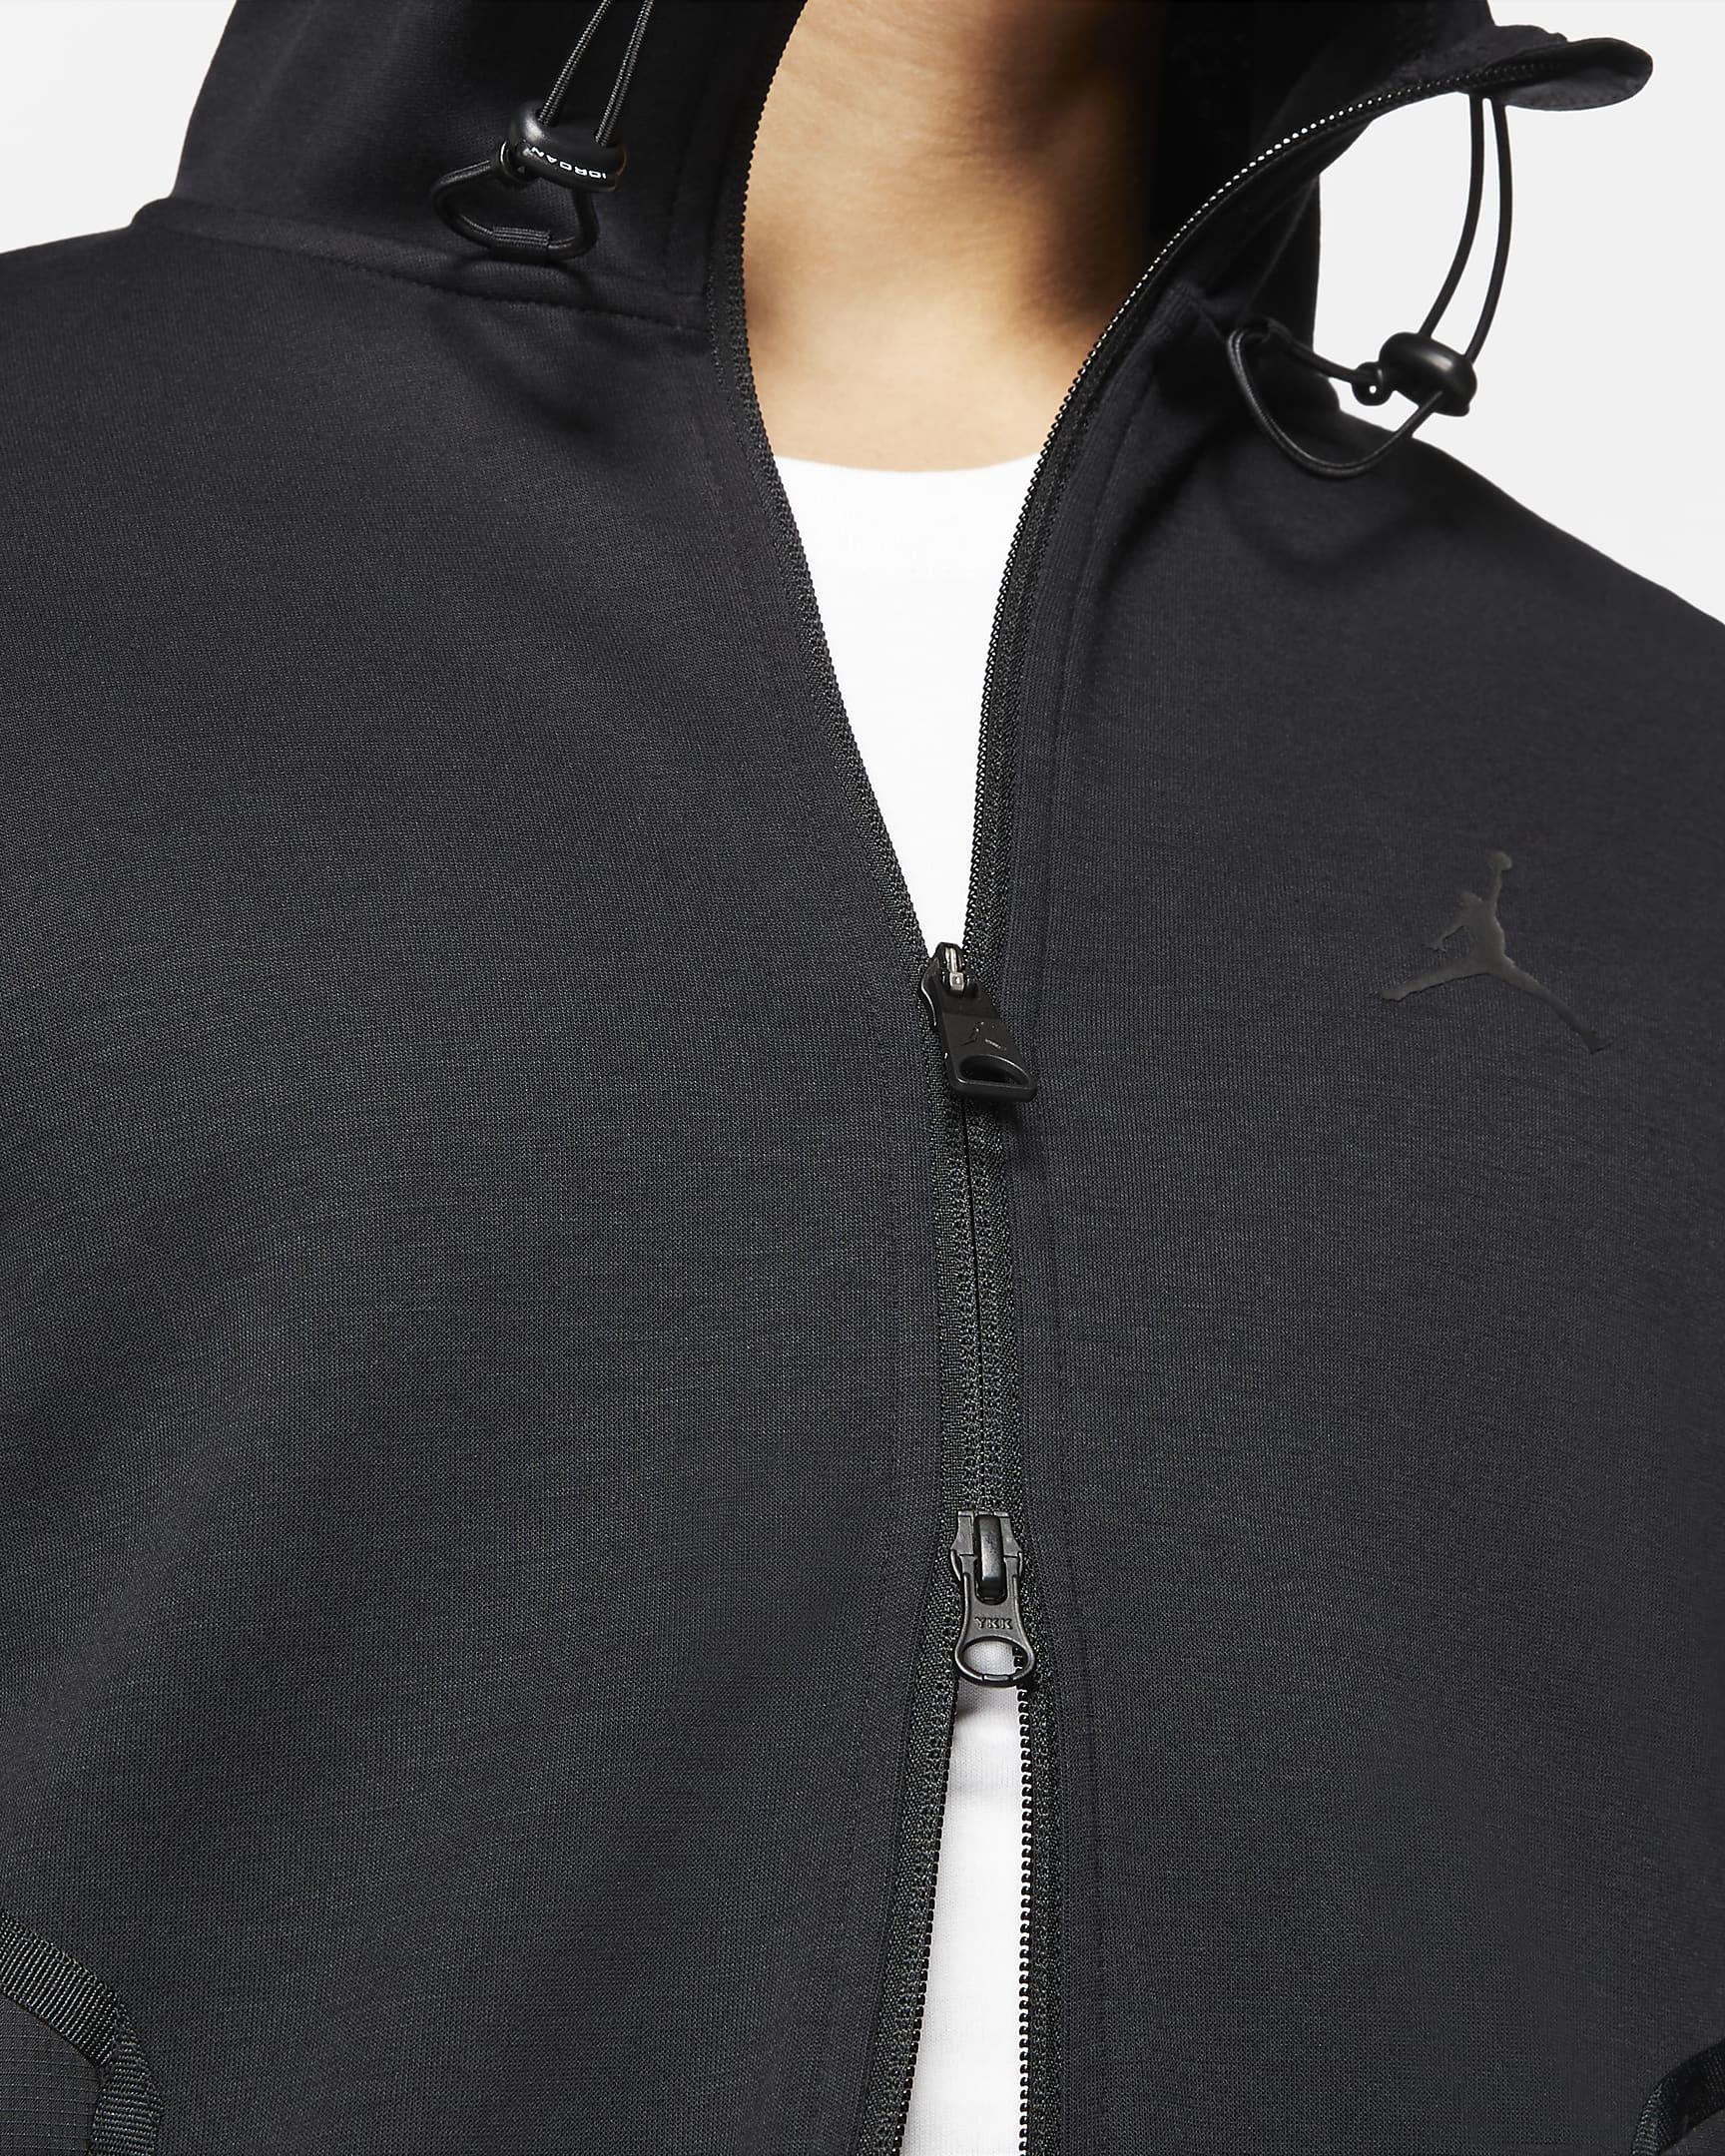 jordan-dri-fit-air-mens-statement-fleece-full-zip-hoodie-pVtTKN-2.png